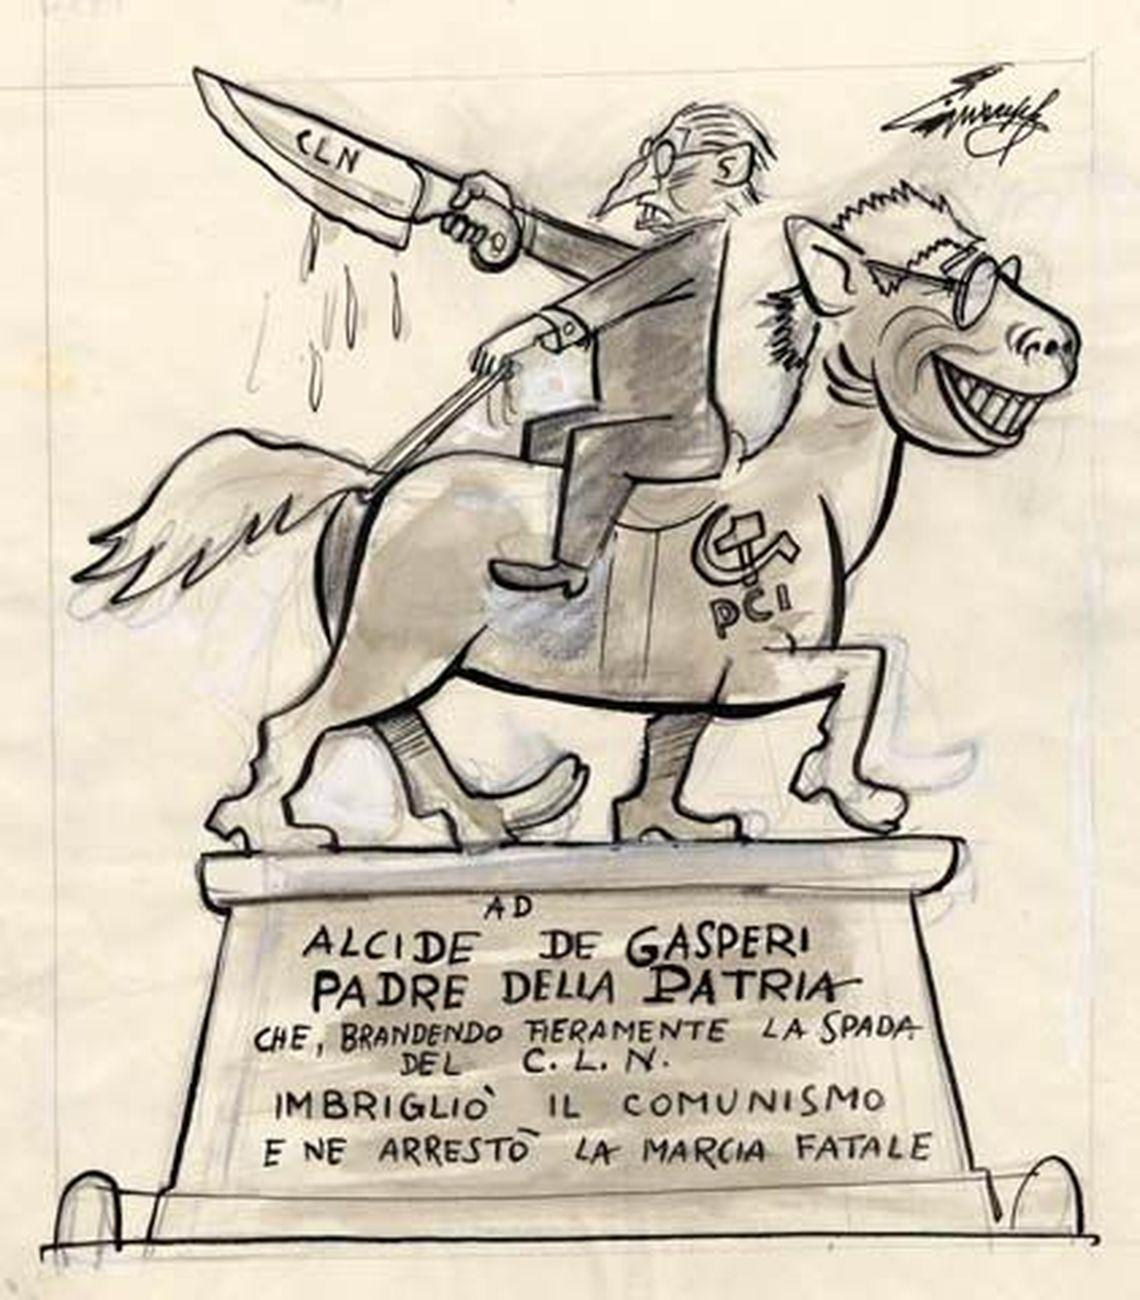 Giovannino Guareschi, Monumento equestre, 2 maggio 1954 (Candido) – Fondazione Mondadori